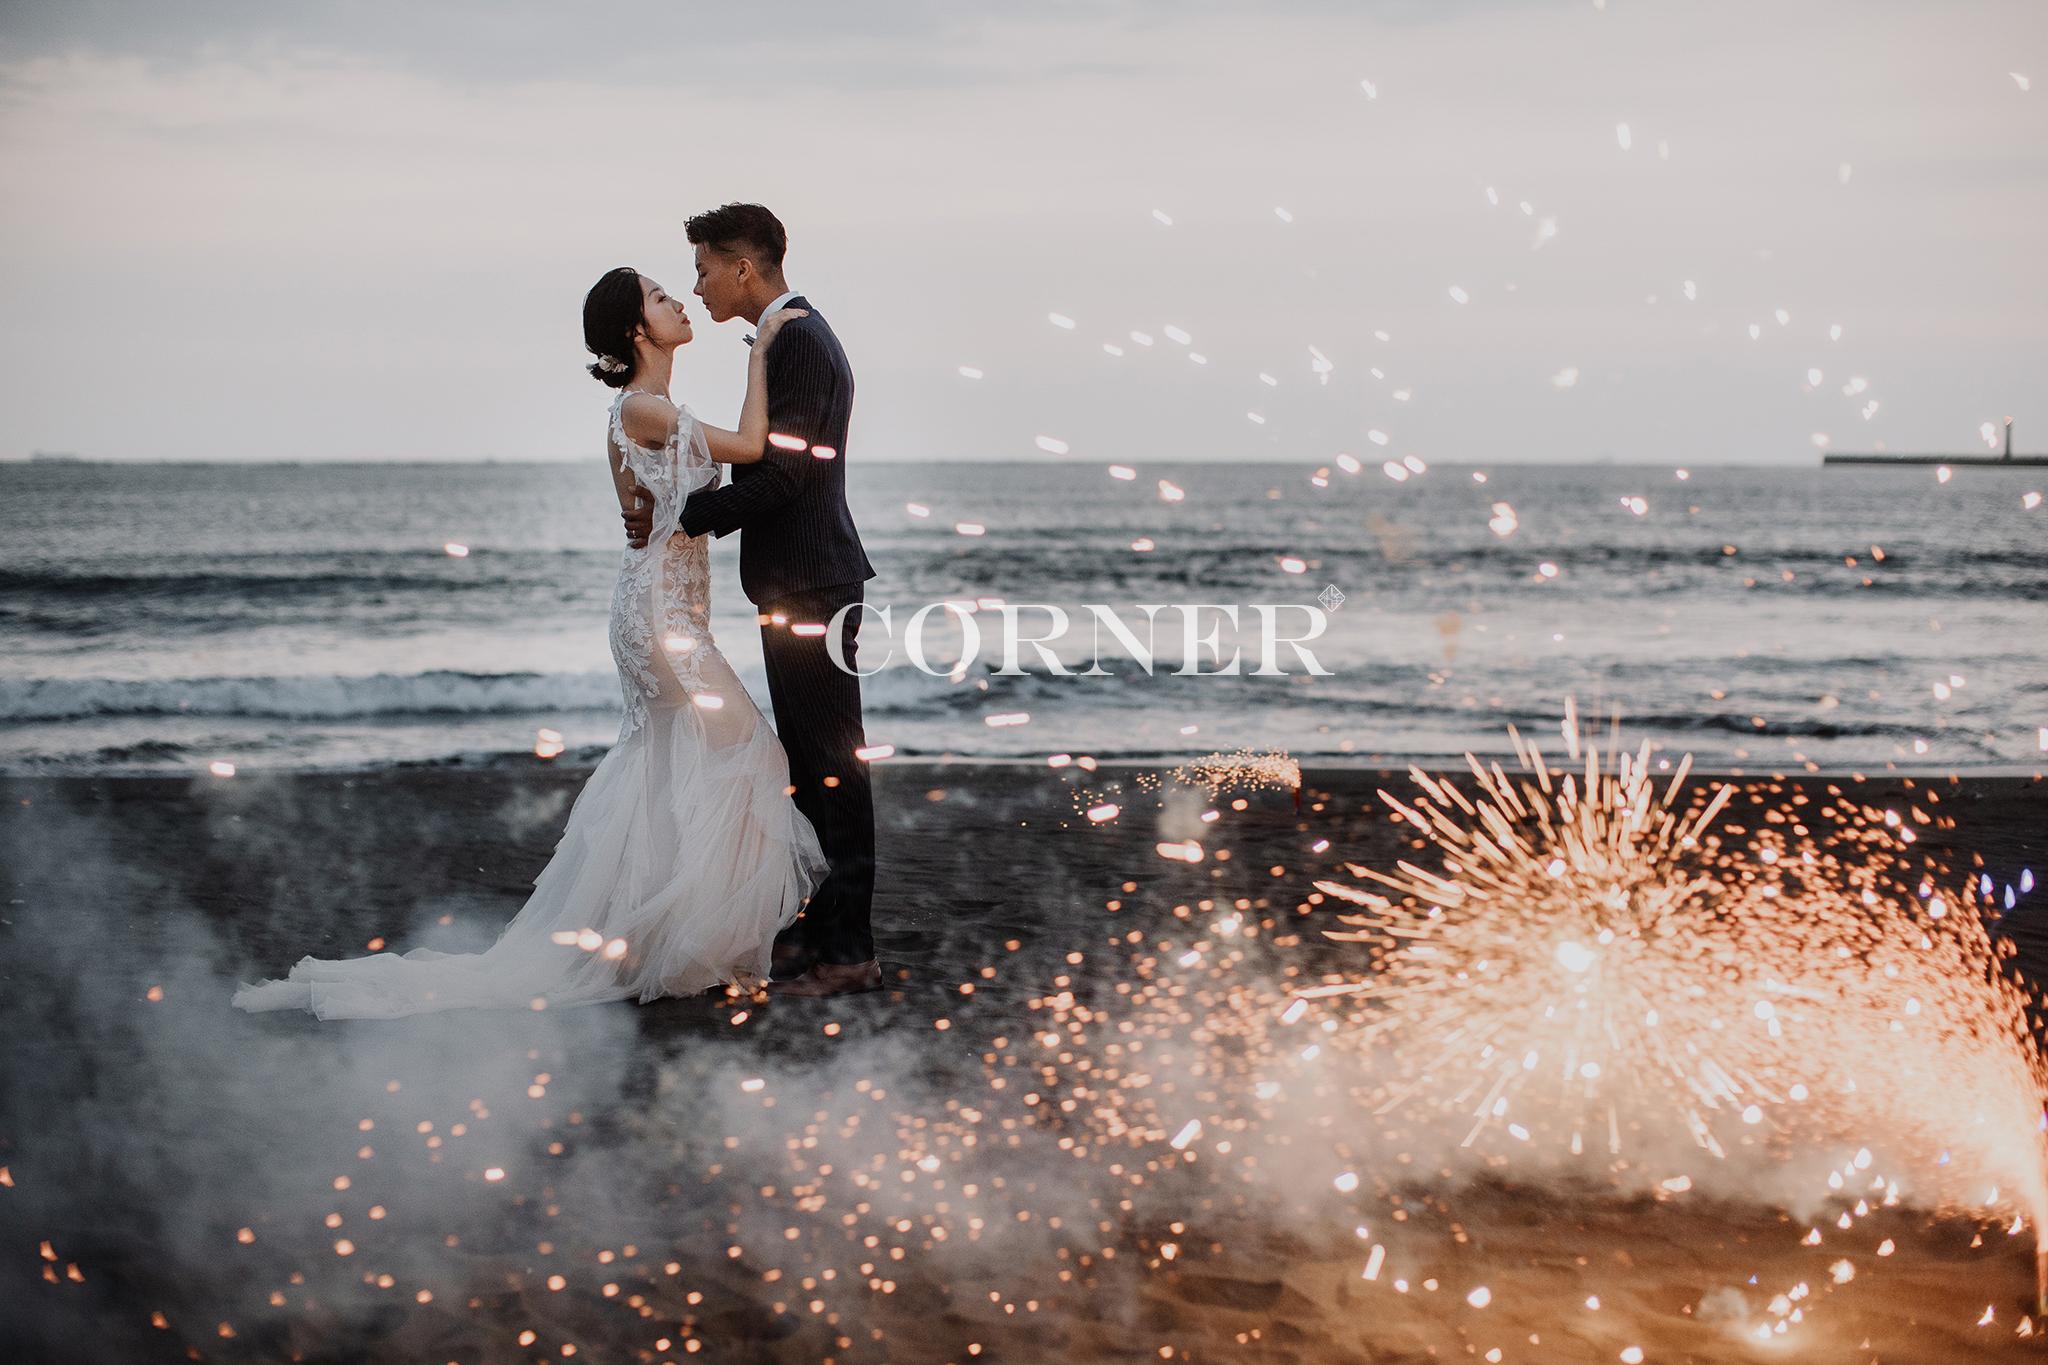 台南自助婚紗|刷爆朋友圈的煙火婚紗風格|inBlossom